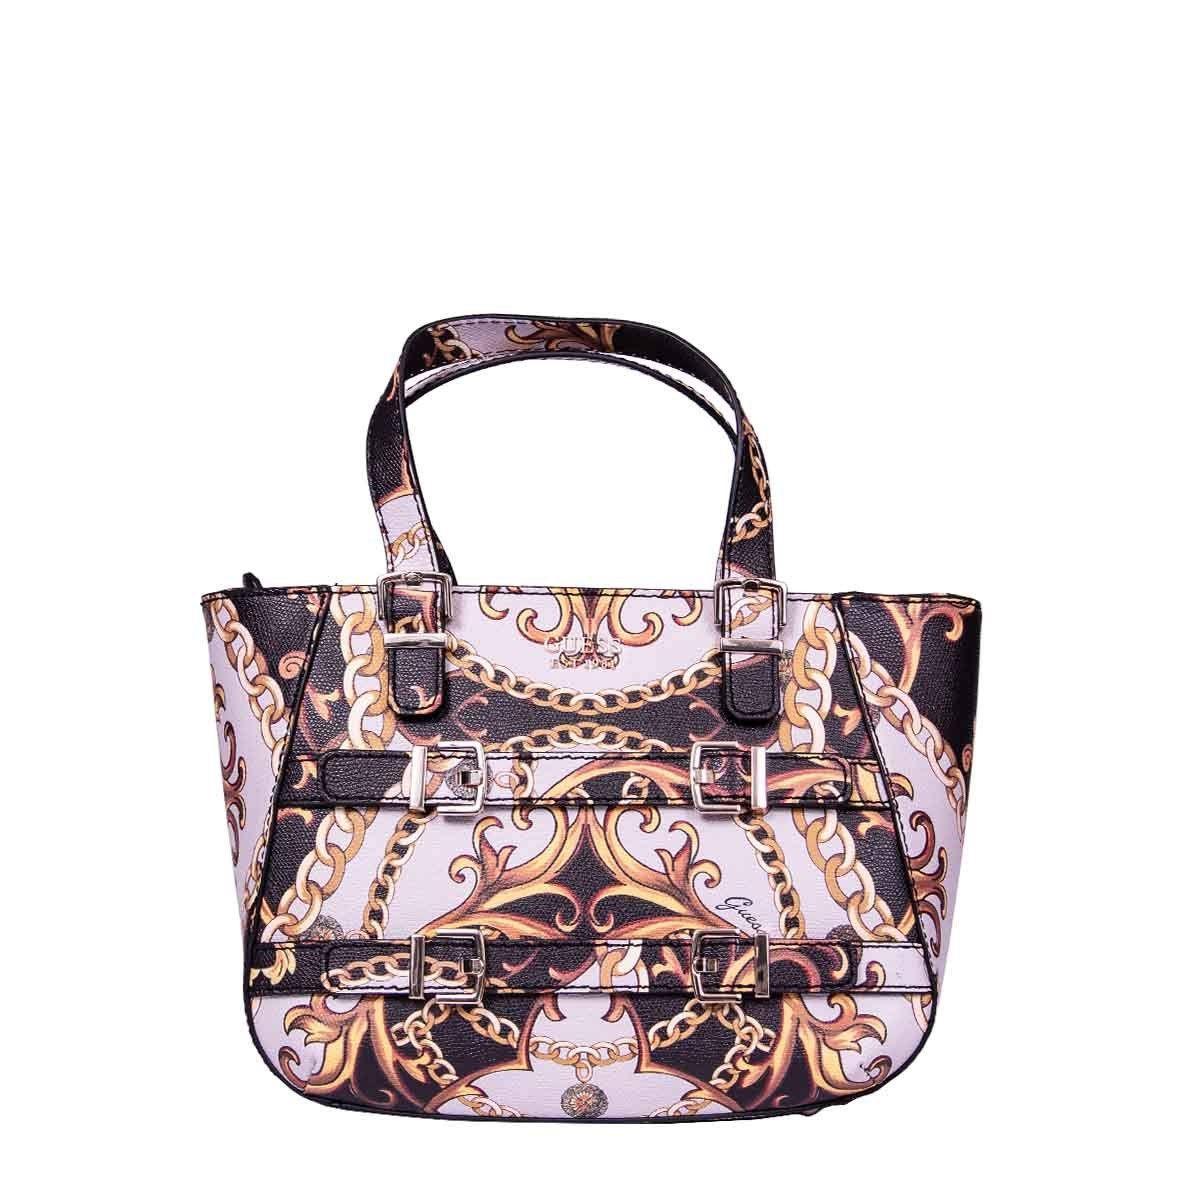 4660b714c382 Lyst - Guess Multicolor Faux Leather Shoulder Bag